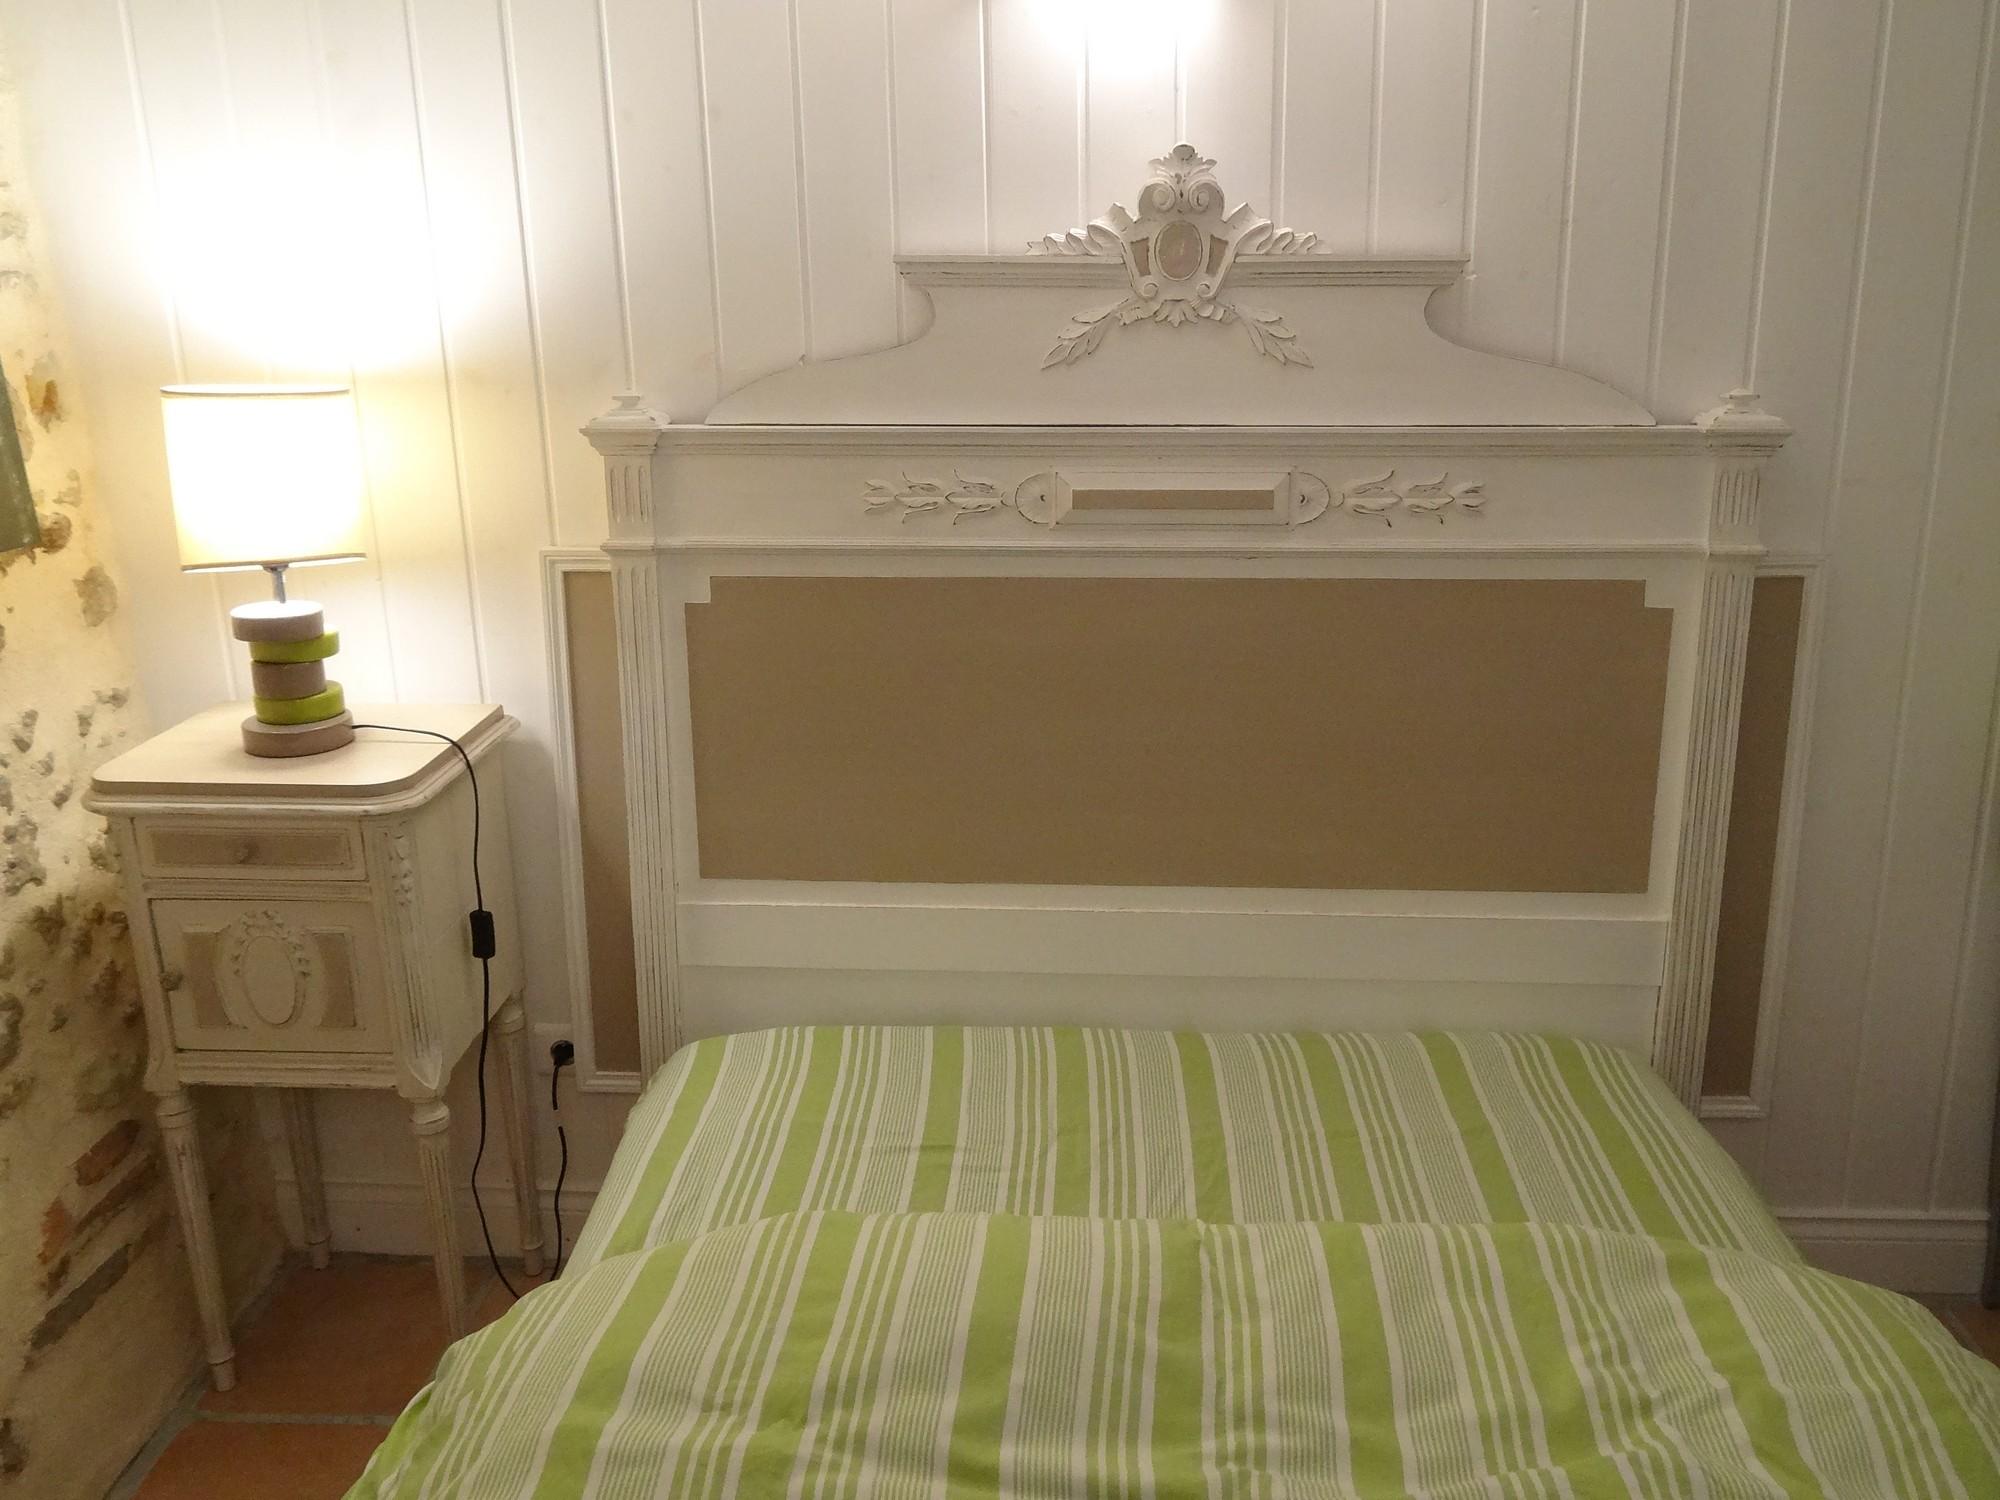 ancienne t te de lit avec fronton en 160 cm pleine de charme patin e blanc et flanelle anjoudeco. Black Bedroom Furniture Sets. Home Design Ideas